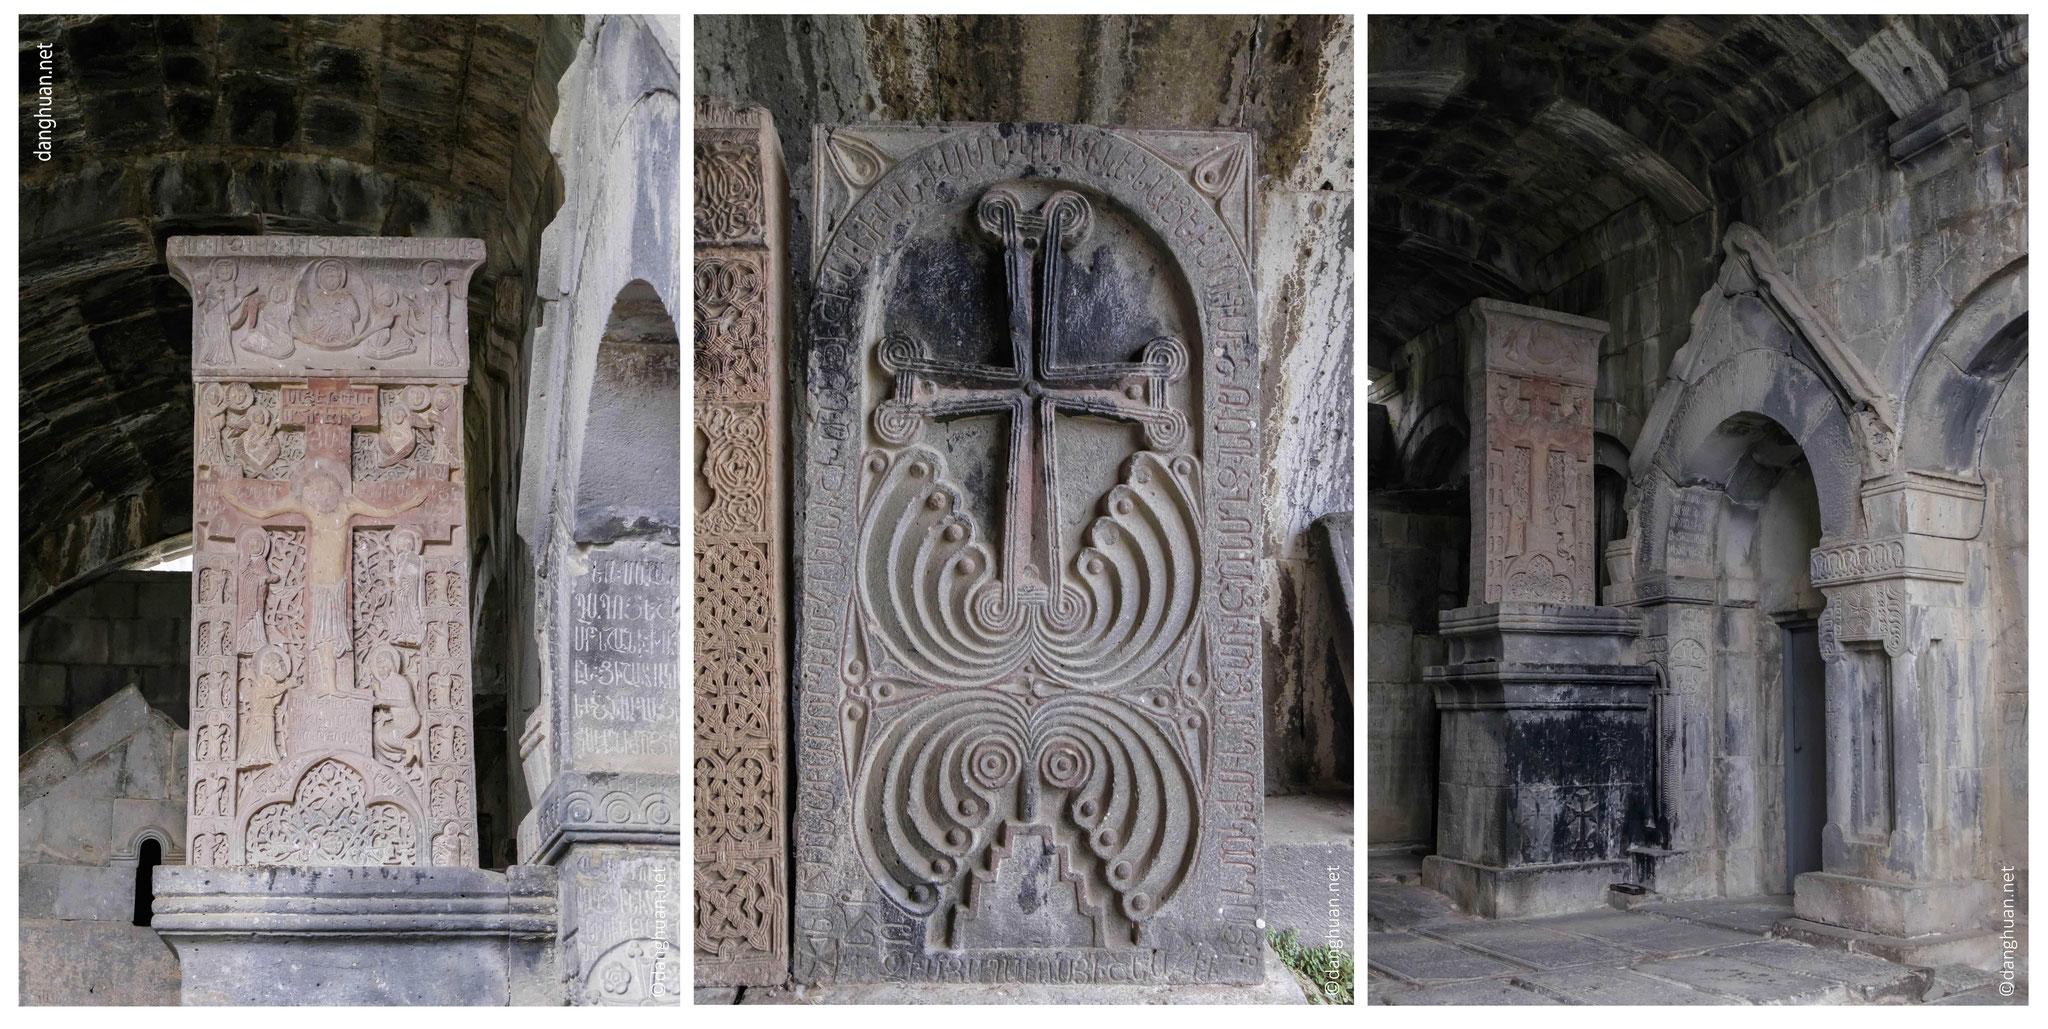 Cet ensemble comprend trois églises, un réfectoire, un clocher, deux narthex, une bibliothèque ...